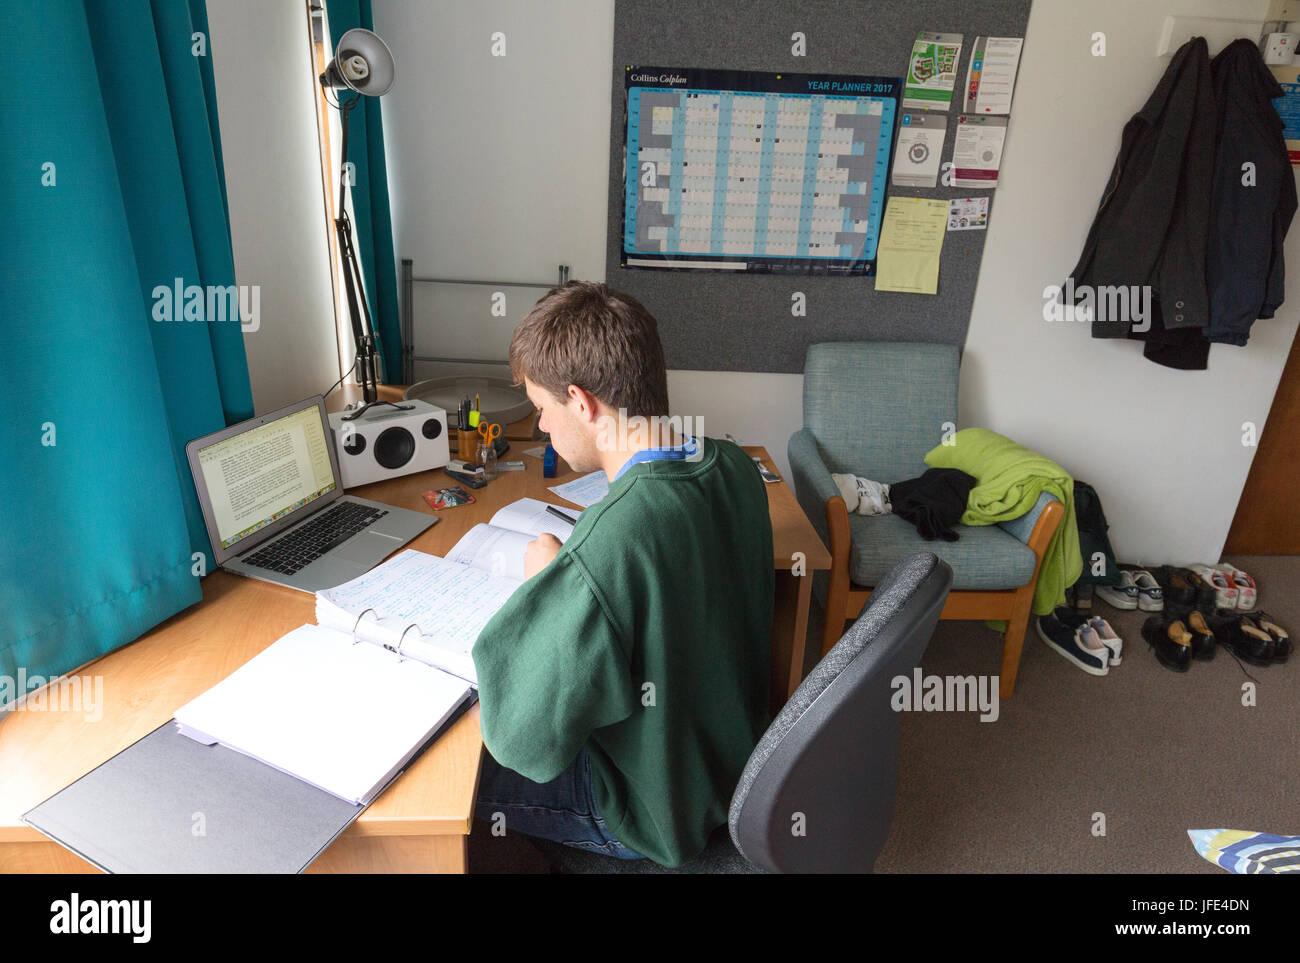 Estudiante en la Universidad de Cambridge estudiando en su habitación en Queens College de la Universidad de Imagen De Stock